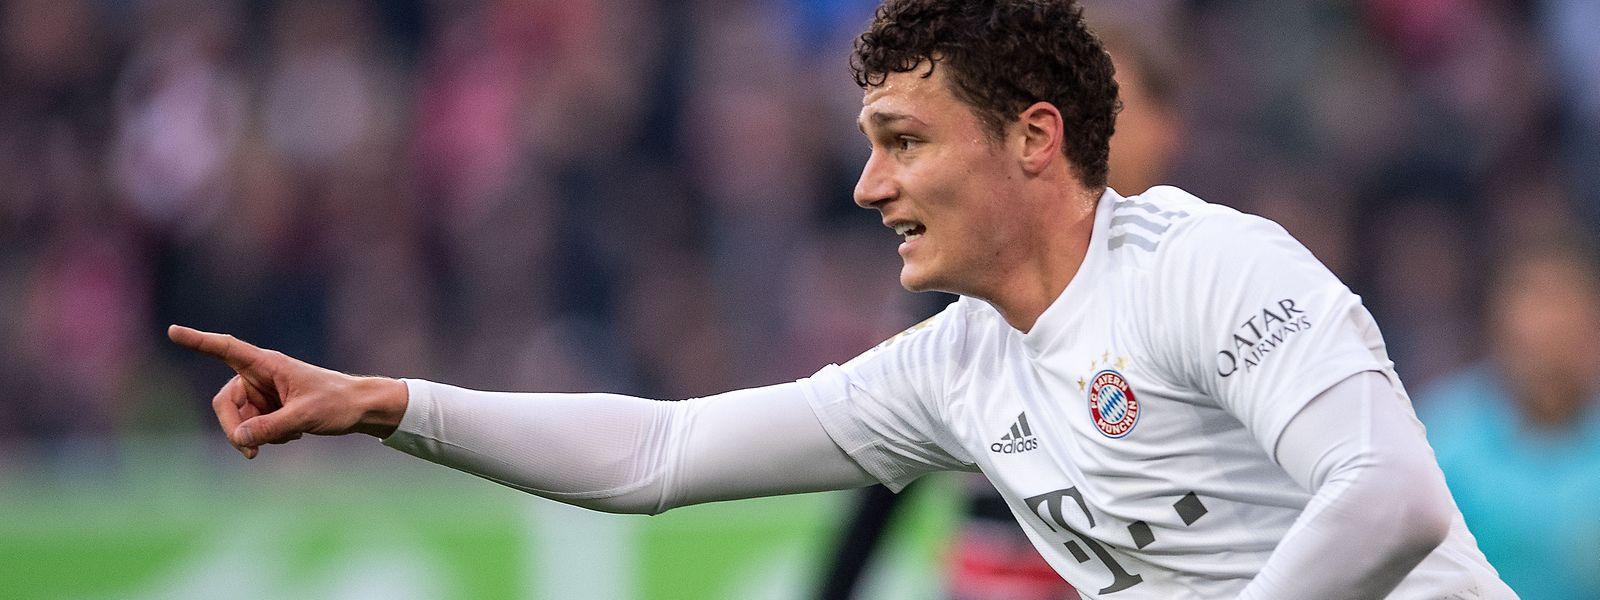 Bayerns Benjamin Pavard jubelt nach seinem Treffer zur 1:0-Führung.